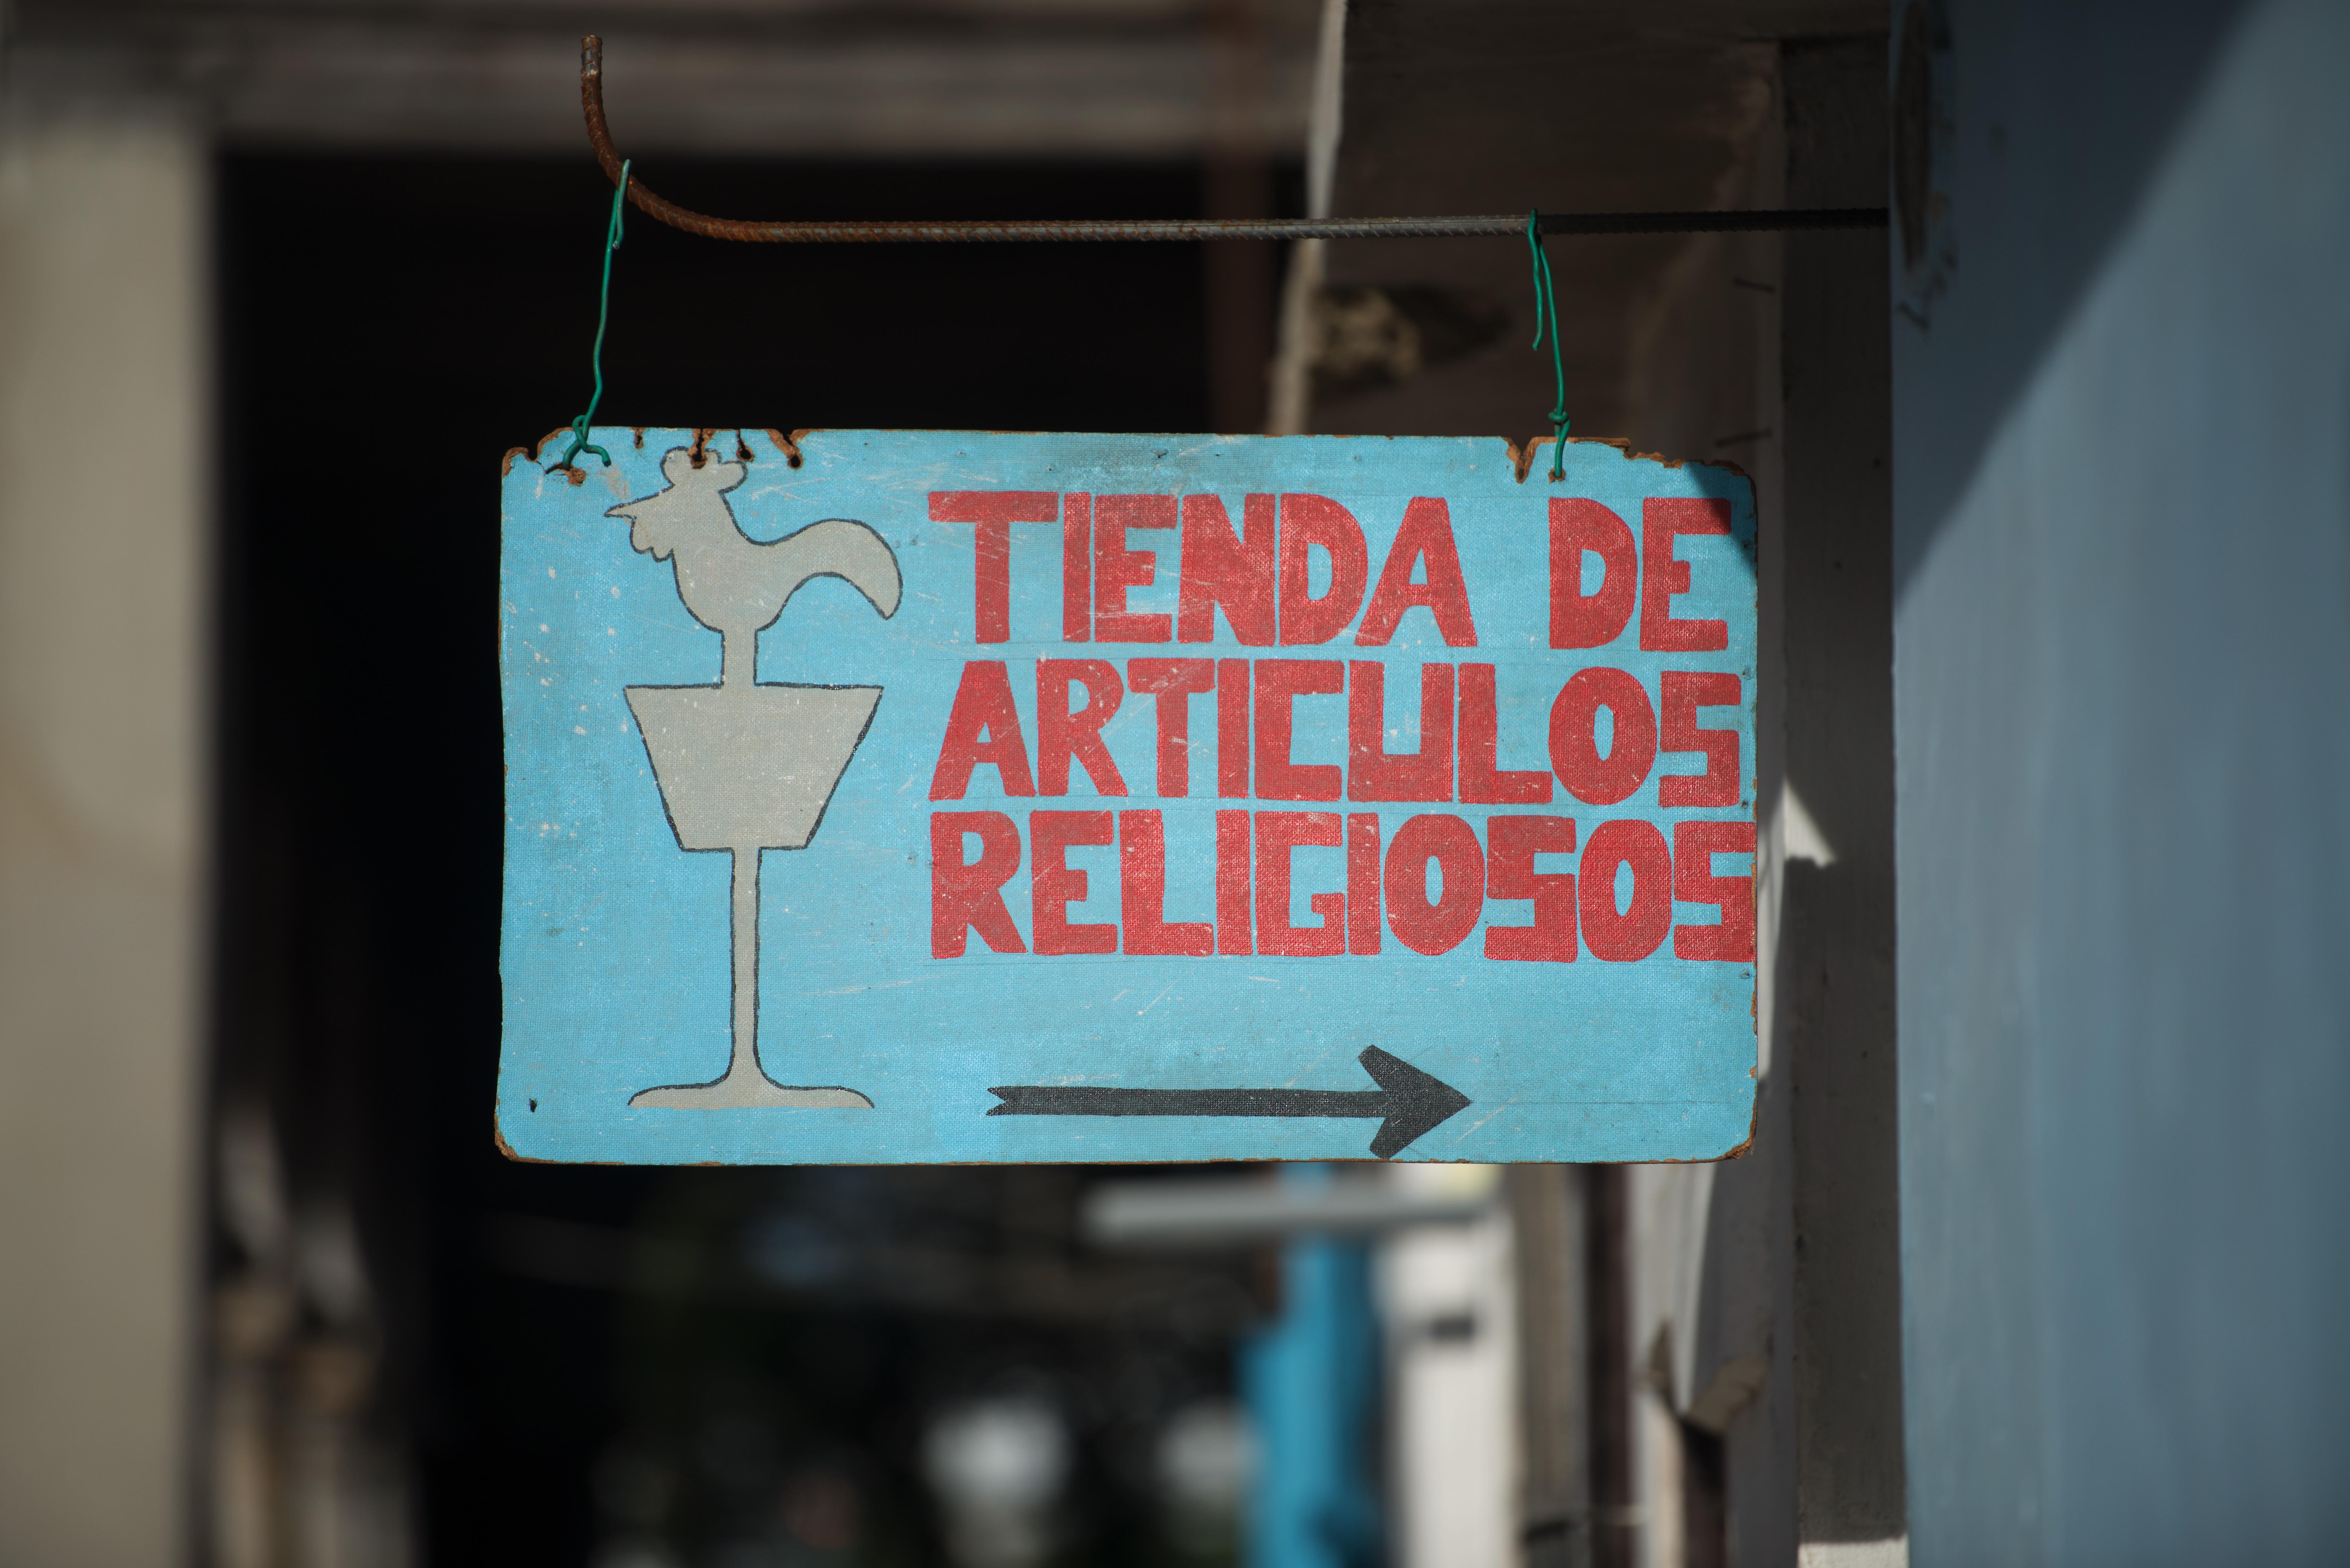 Articolus_Religiosas_2766Articolus_Religiosaslow